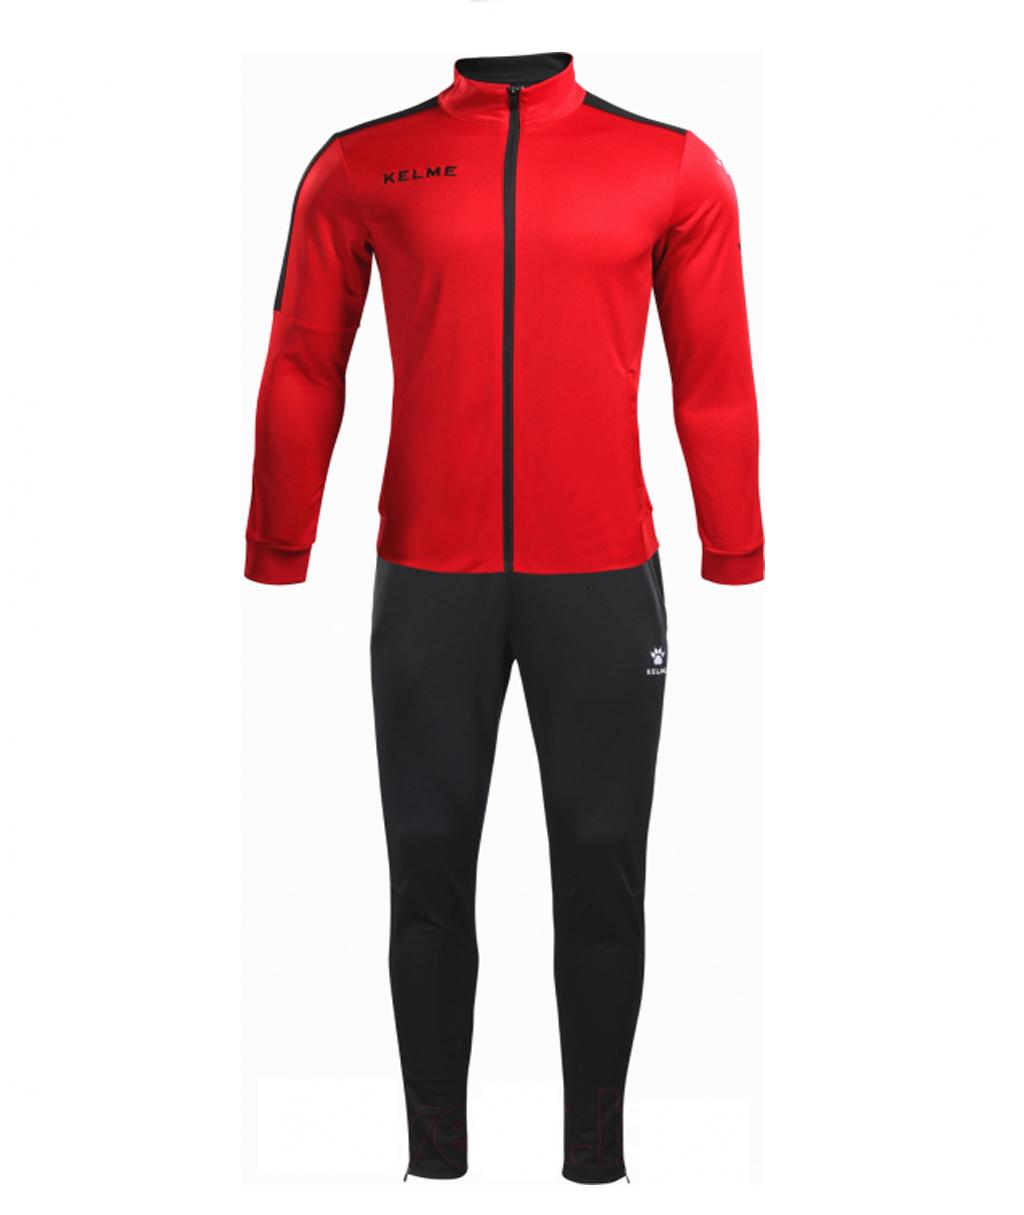 Купить красный детский спортивный костюм Kelme Tracksuit 3773200-611 в интернет-магазине